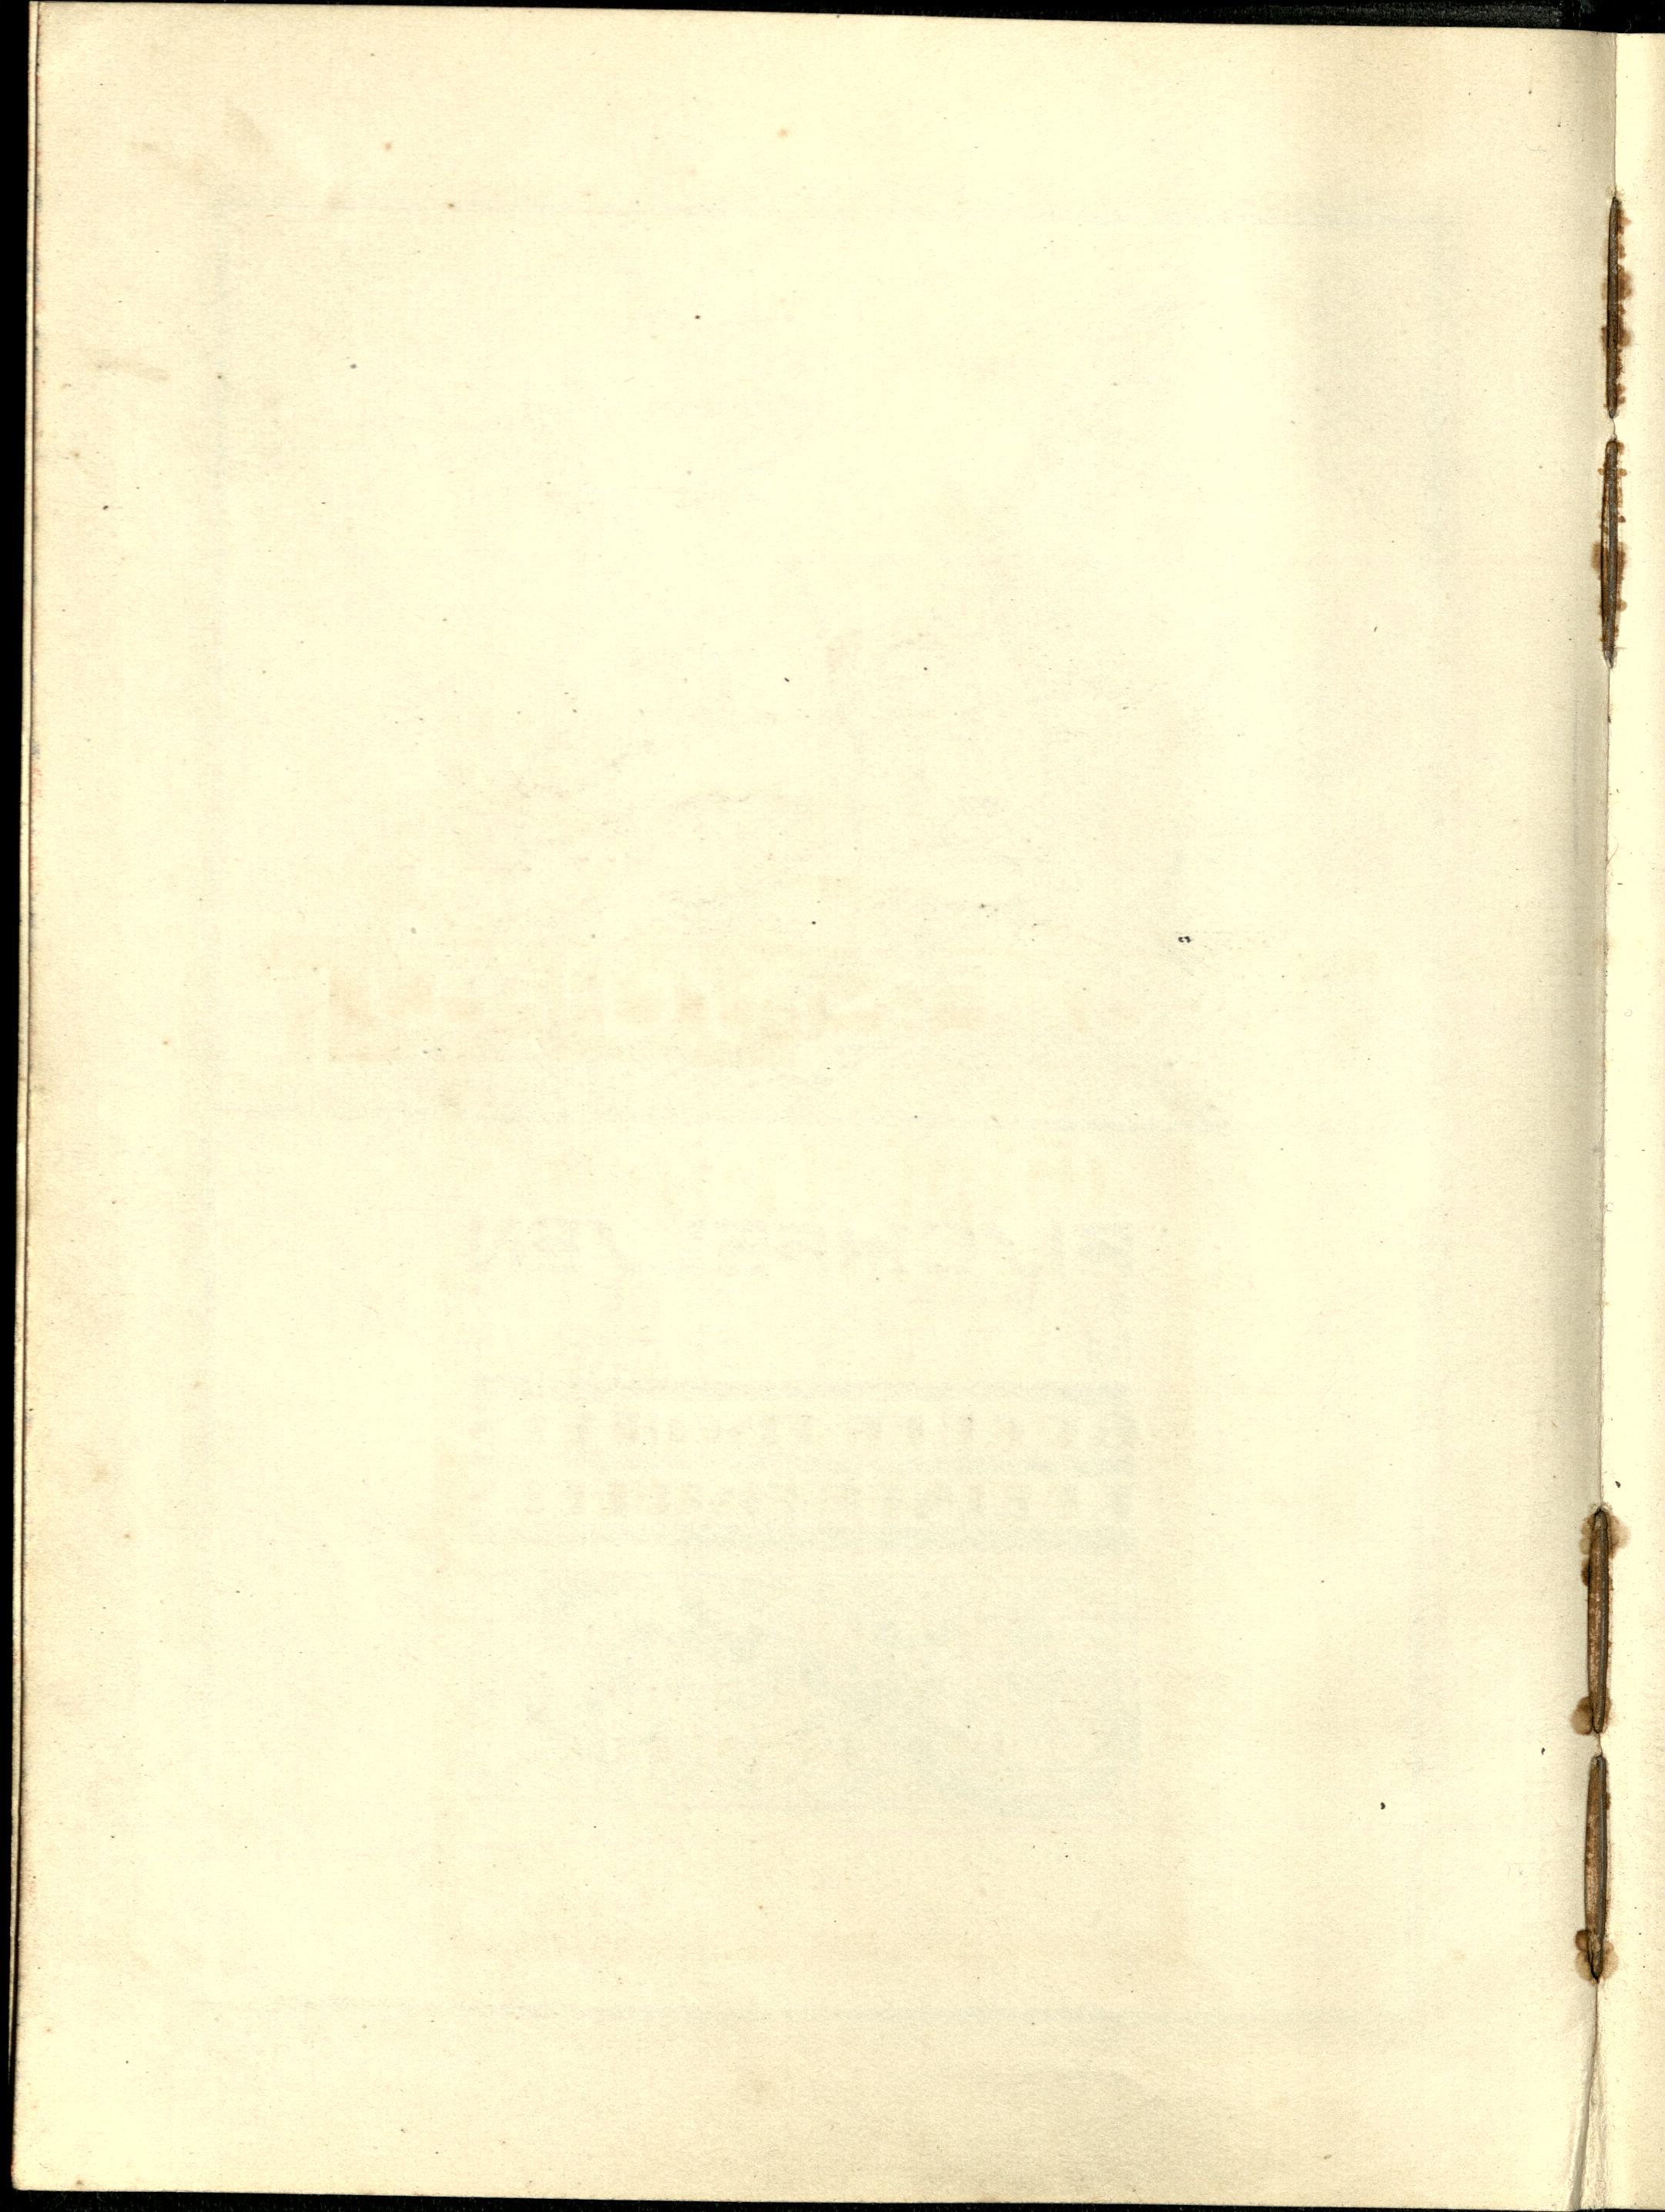 Fis02 8